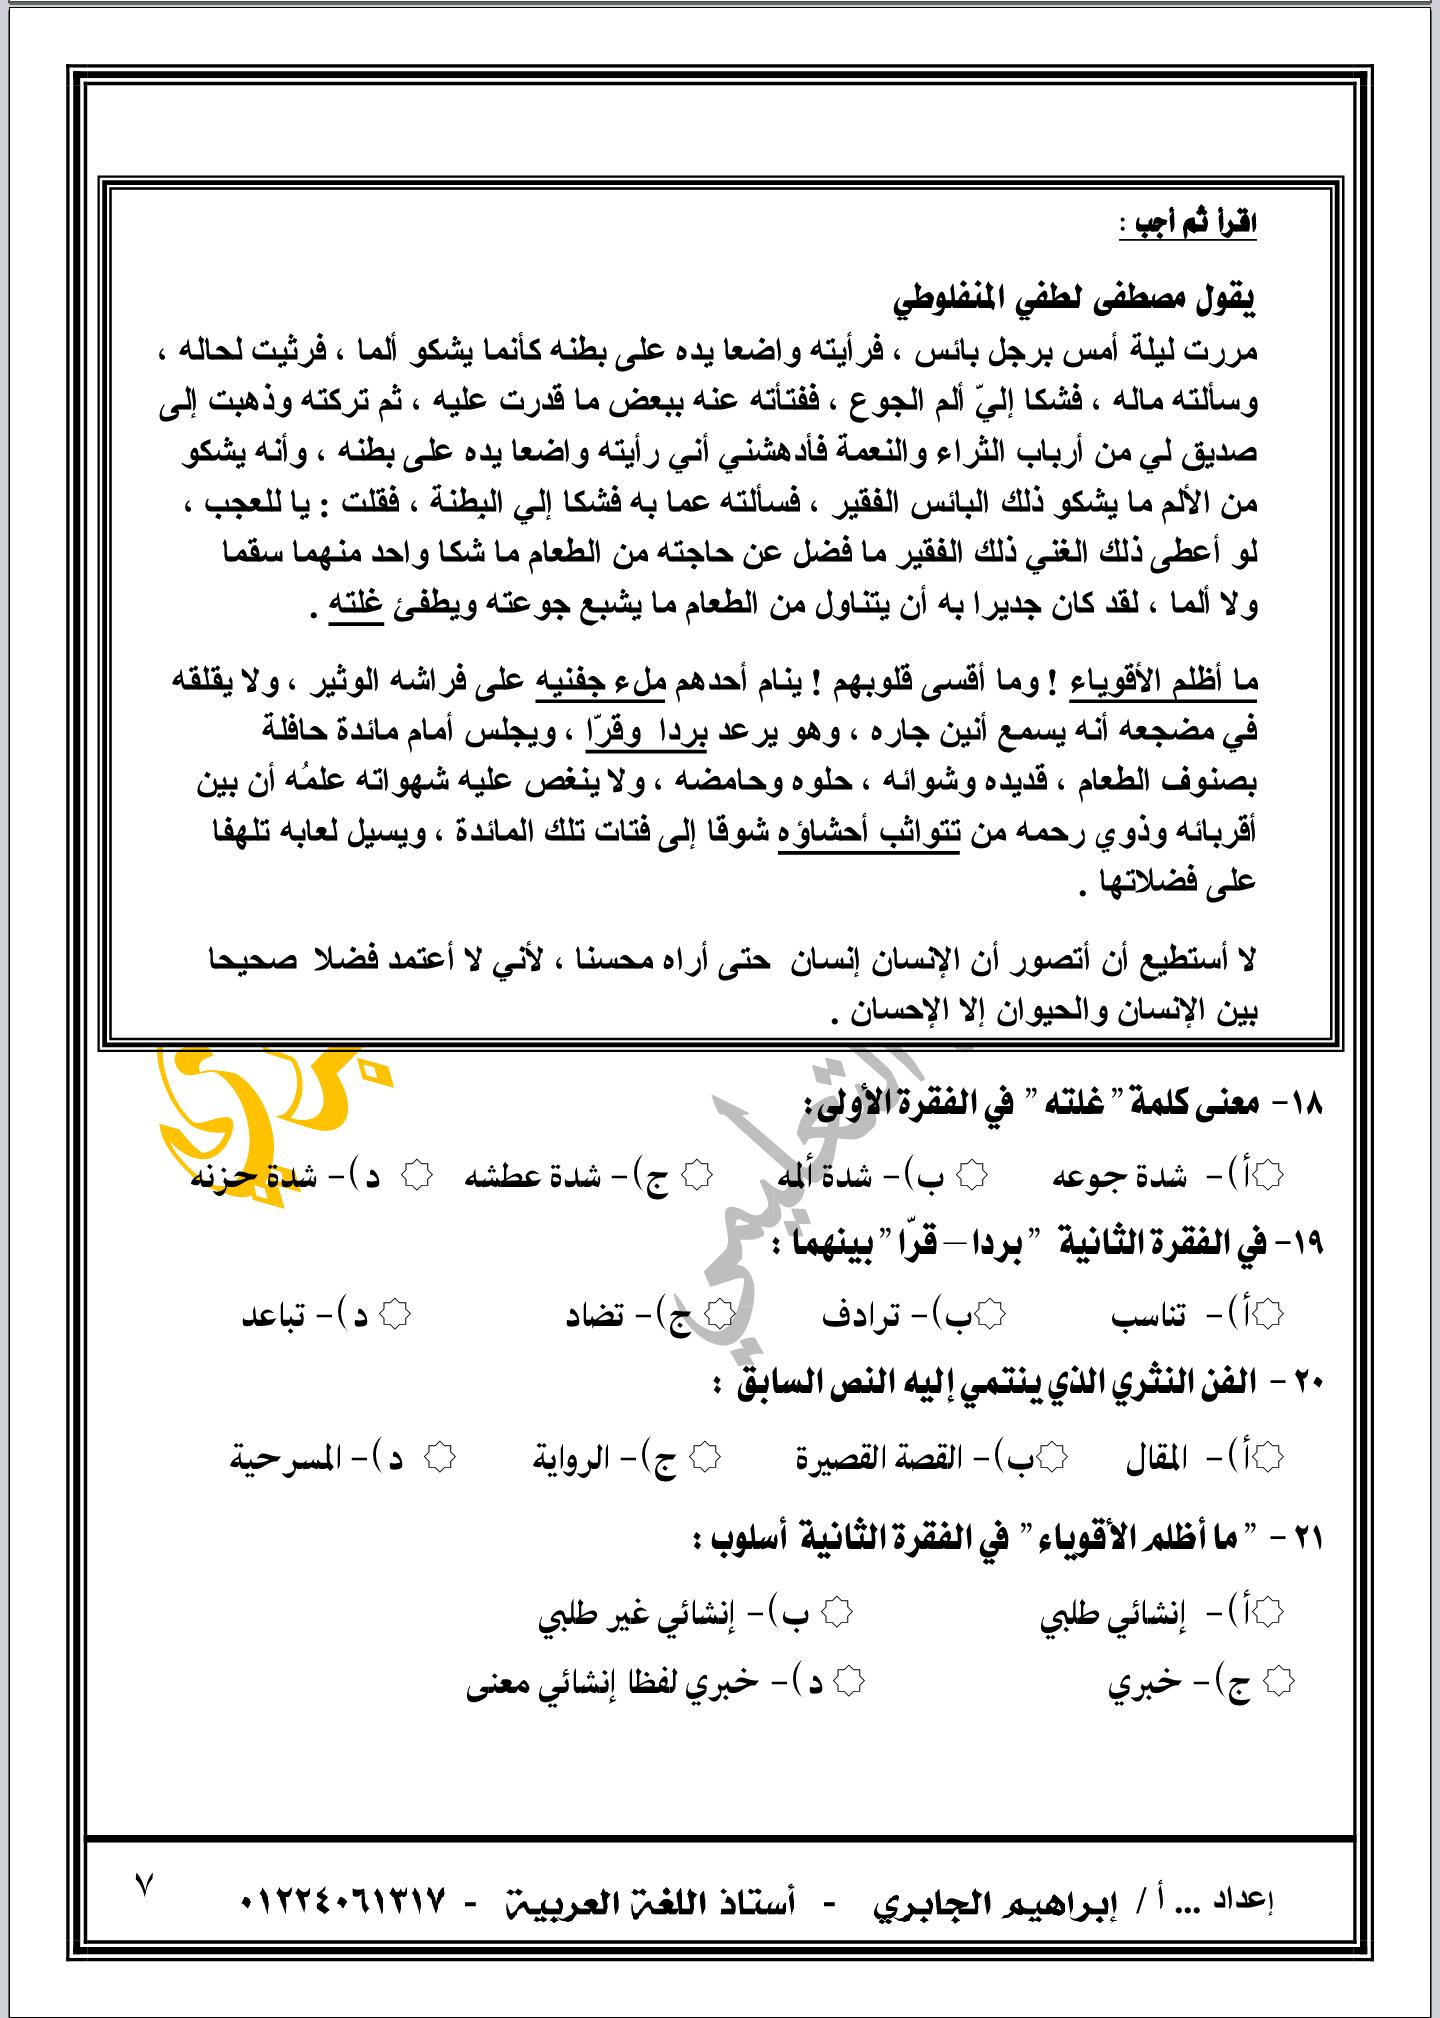 امتحان لغة عربية شامل للثانوية العامة نظام جديد 2021.. 70 سؤالا بالإجابات النموذجية Screenshot_%25D9%25A2%25D9%25A0%25D9%25A2%25D9%25A1-%25D9%25A0%25D9%25A4-%25D9%25A1%25D9%25A5-%25D9%25A0%25D9%25A1-%25D9%25A4%25D9%25A1-%25D9%25A1%25D9%25A9-1